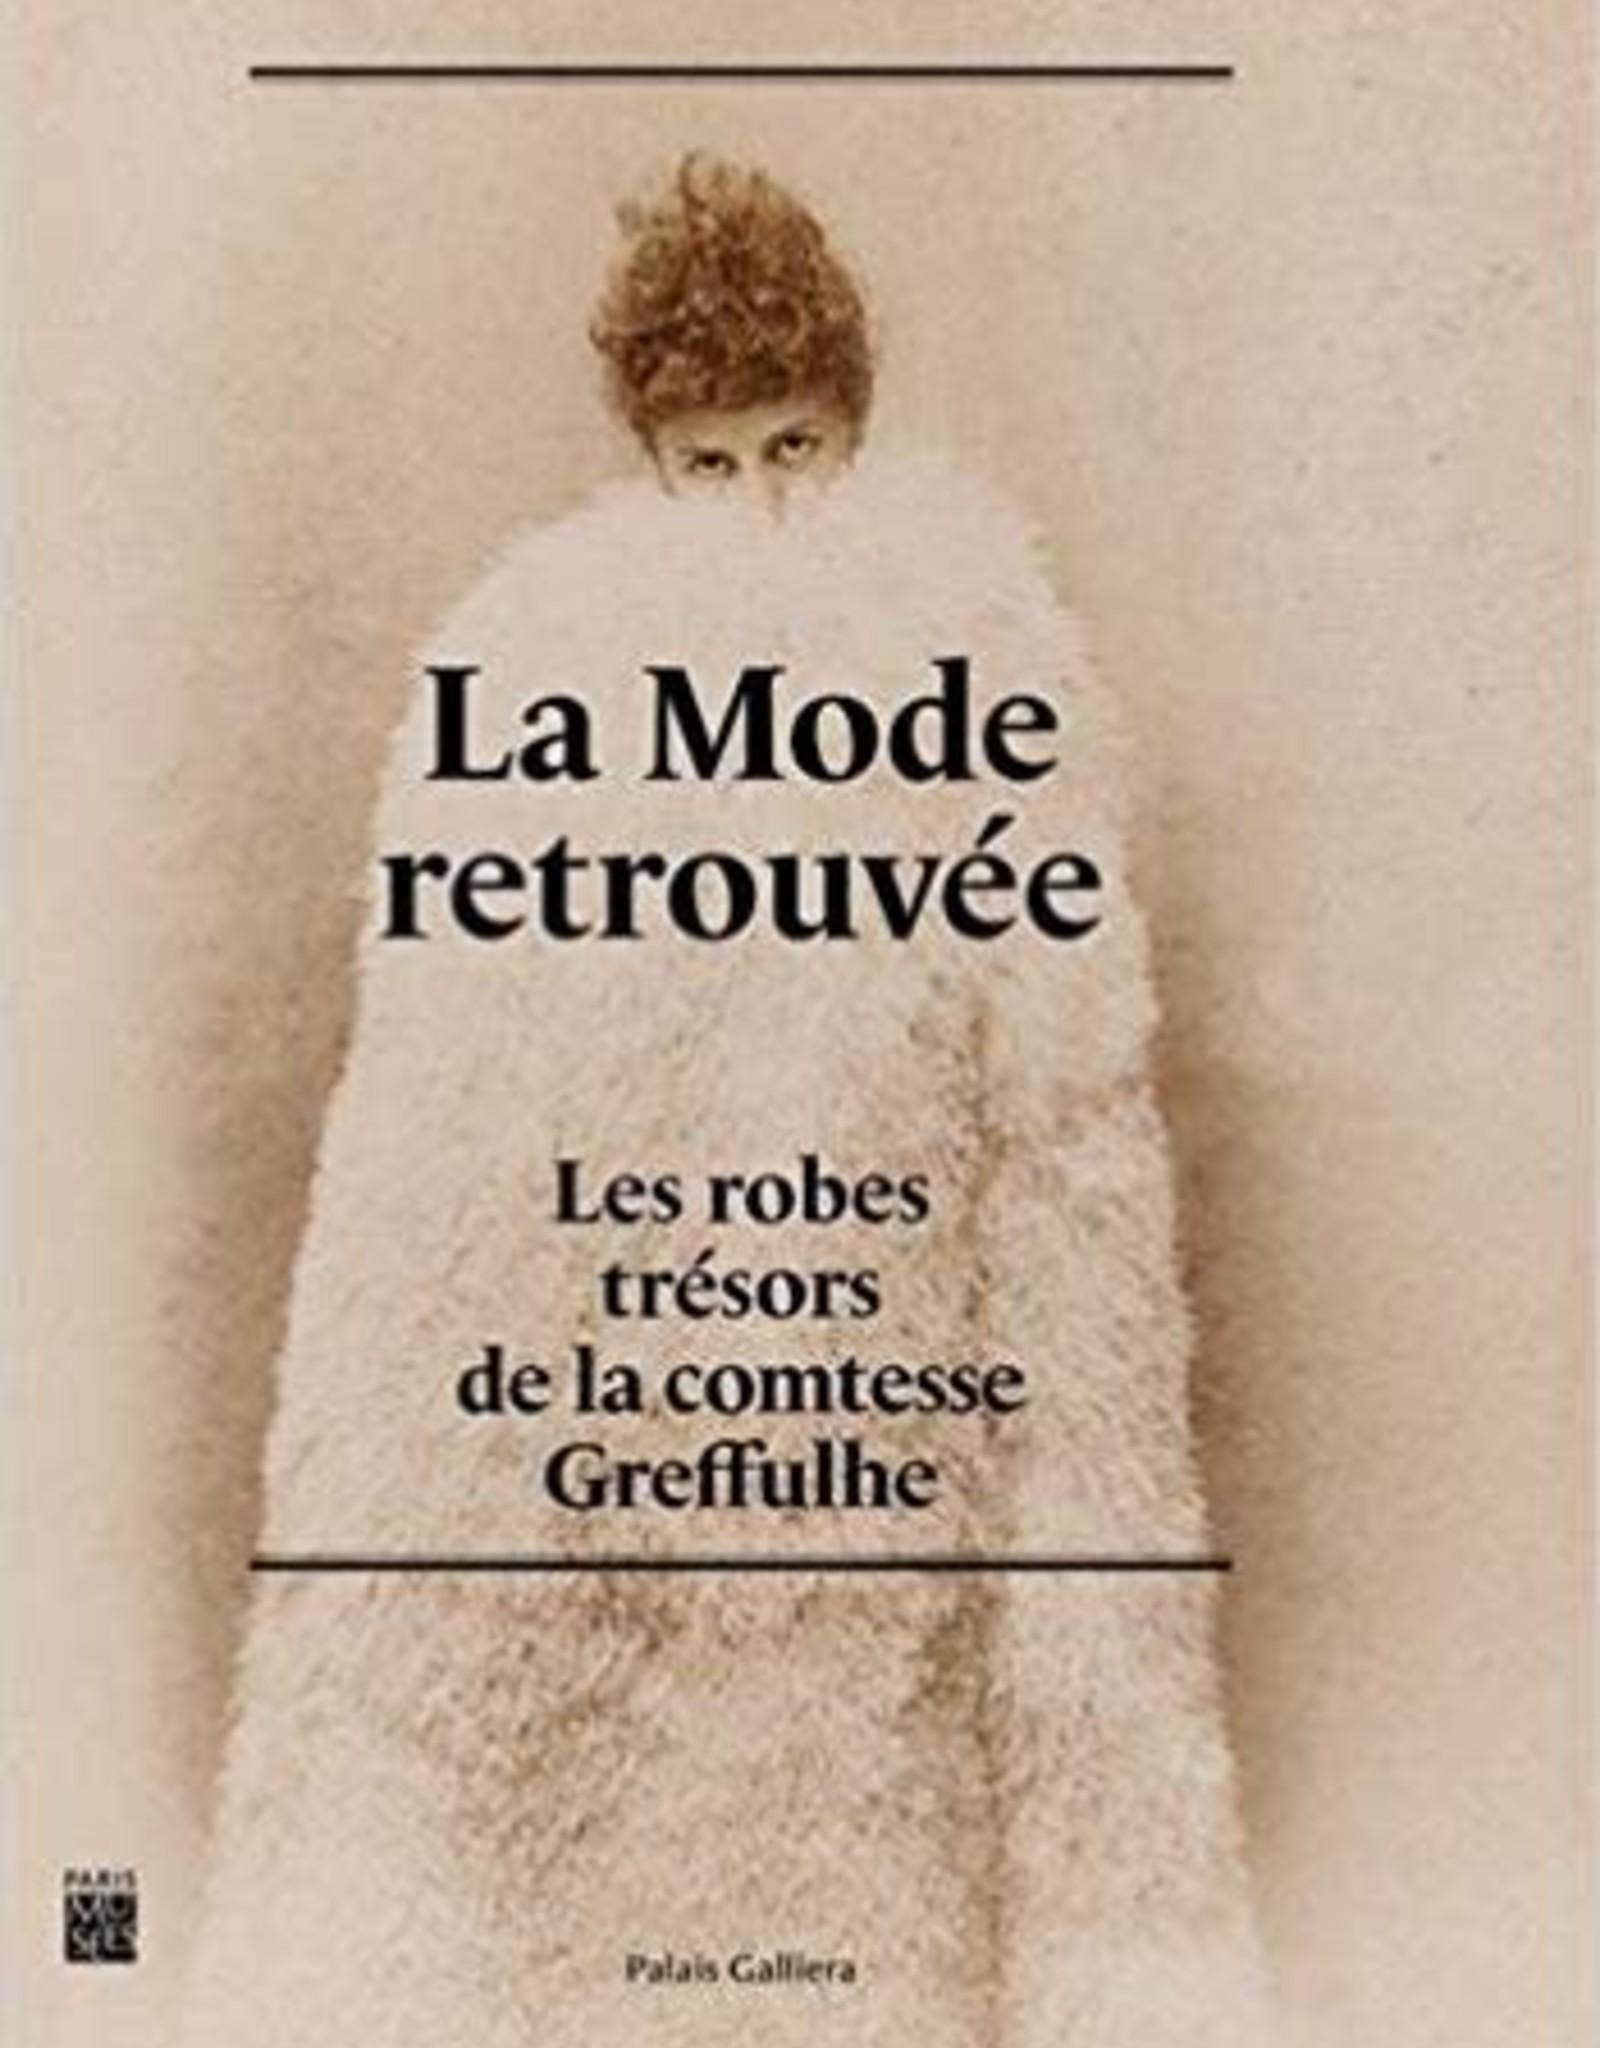 L-La mode retrouvée Comtesse Greffulhe